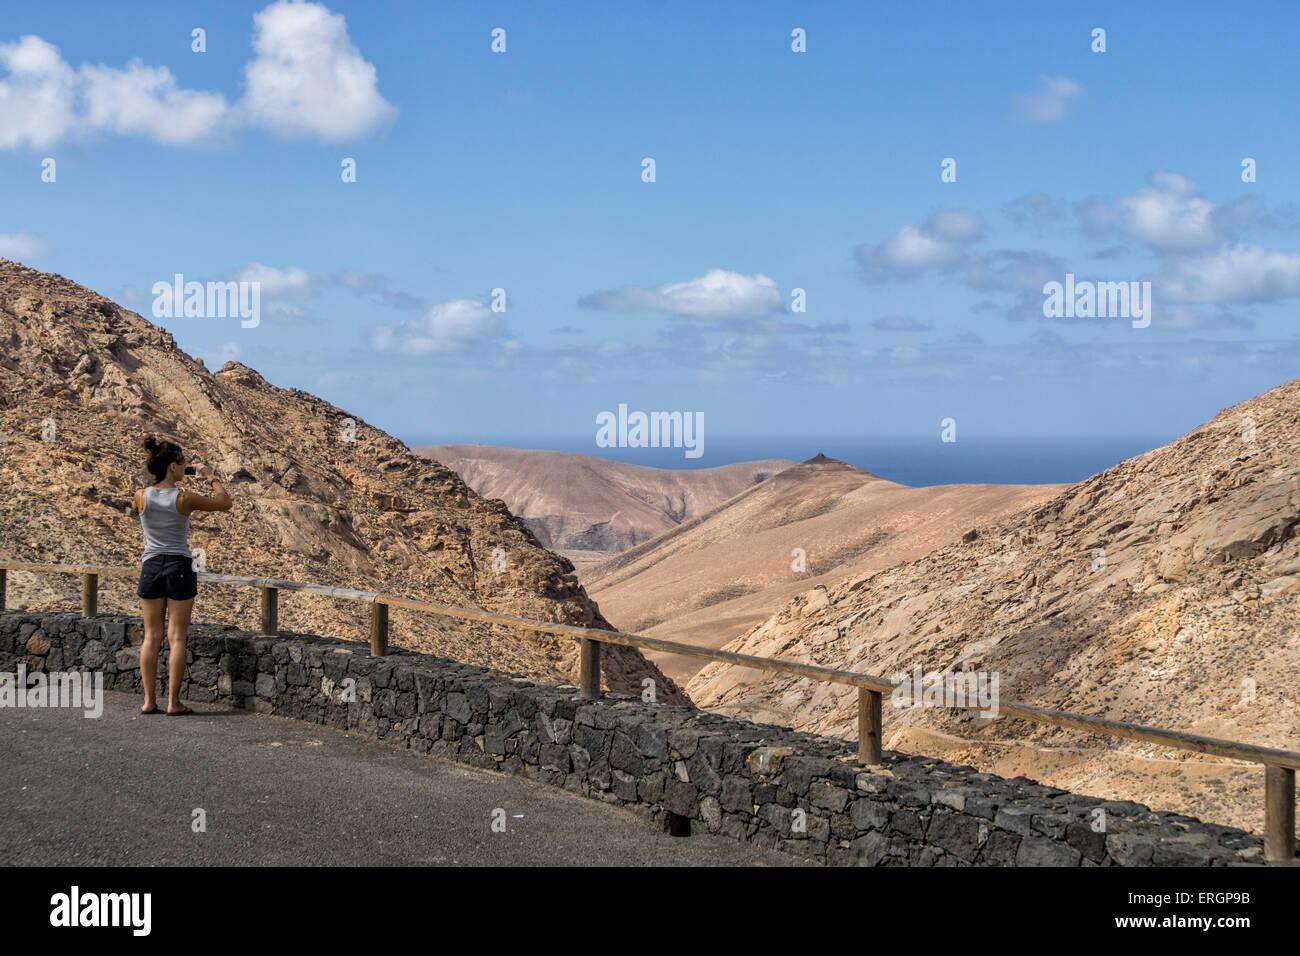 Degollada de Los Granadillos, Sicht, Fuerteventura Kanarische Inseln, Spanien Stockbild